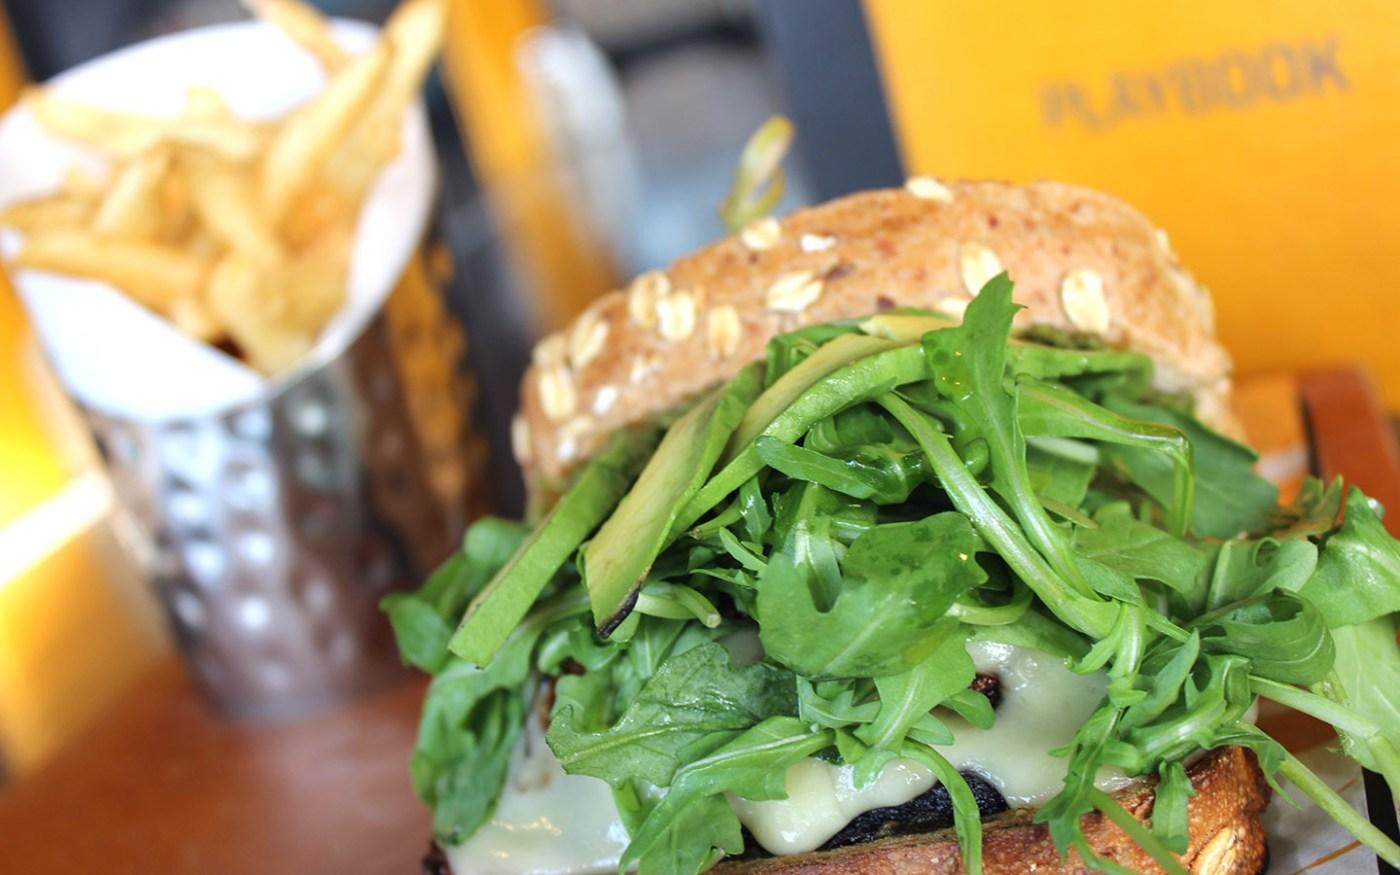 Portobello Sandwich from NBC Sports Grill & Brew in Universal CityWalk.